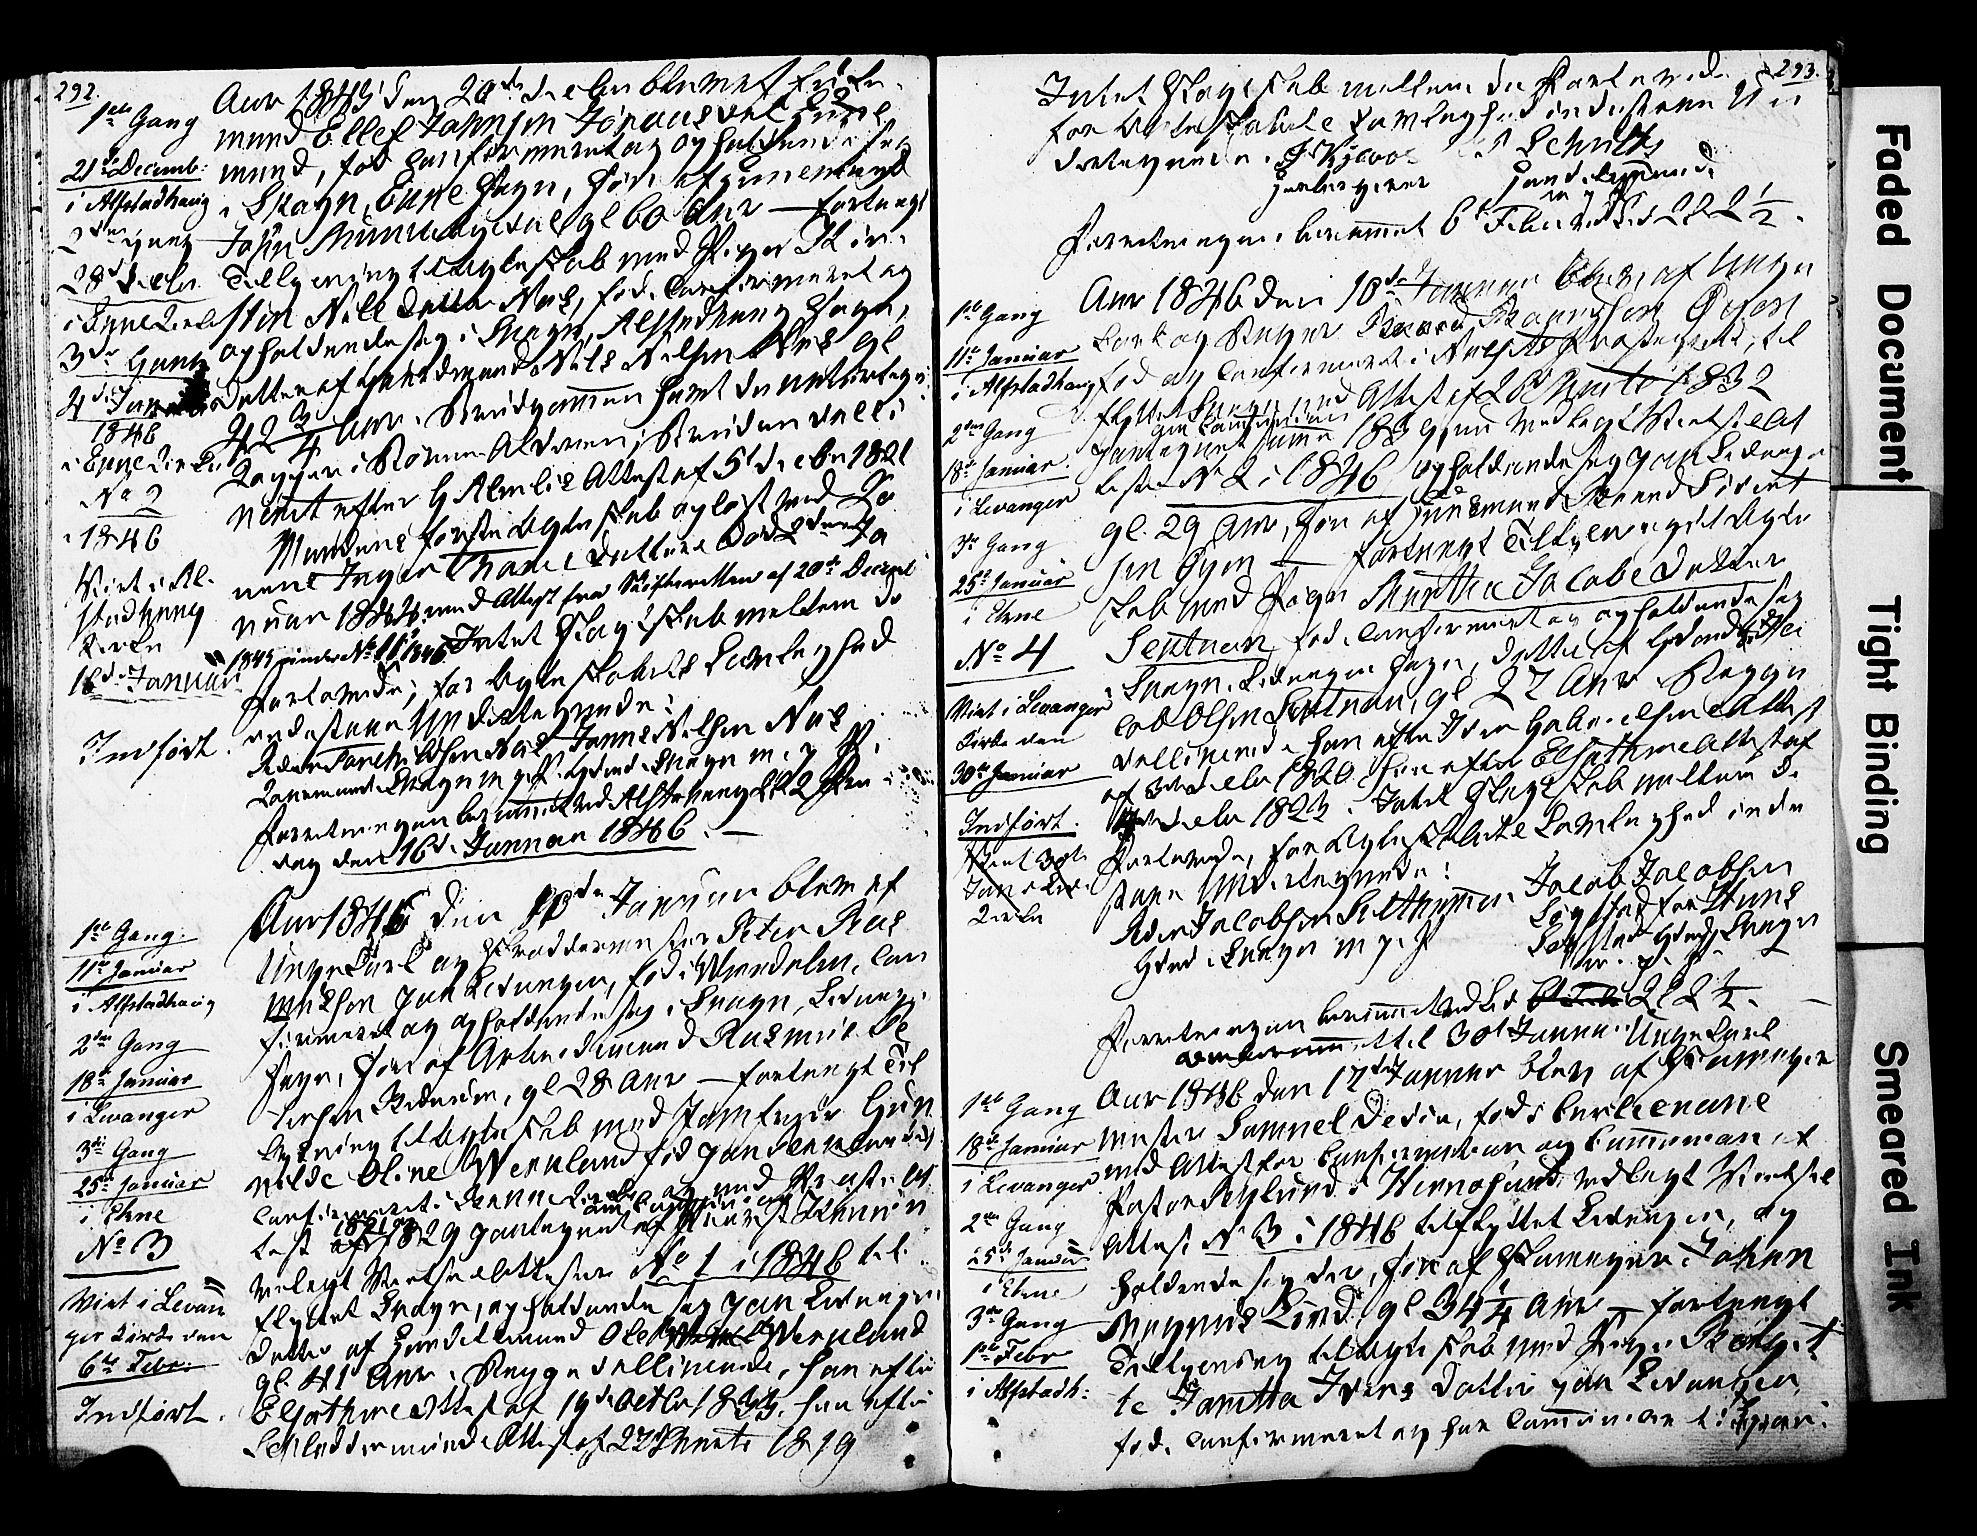 SAT, Ministerialprotokoller, klokkerbøker og fødselsregistre - Nord-Trøndelag, 717/L0160: Forlovererklæringer nr. 717A10, 1828-1850, s. 292-293